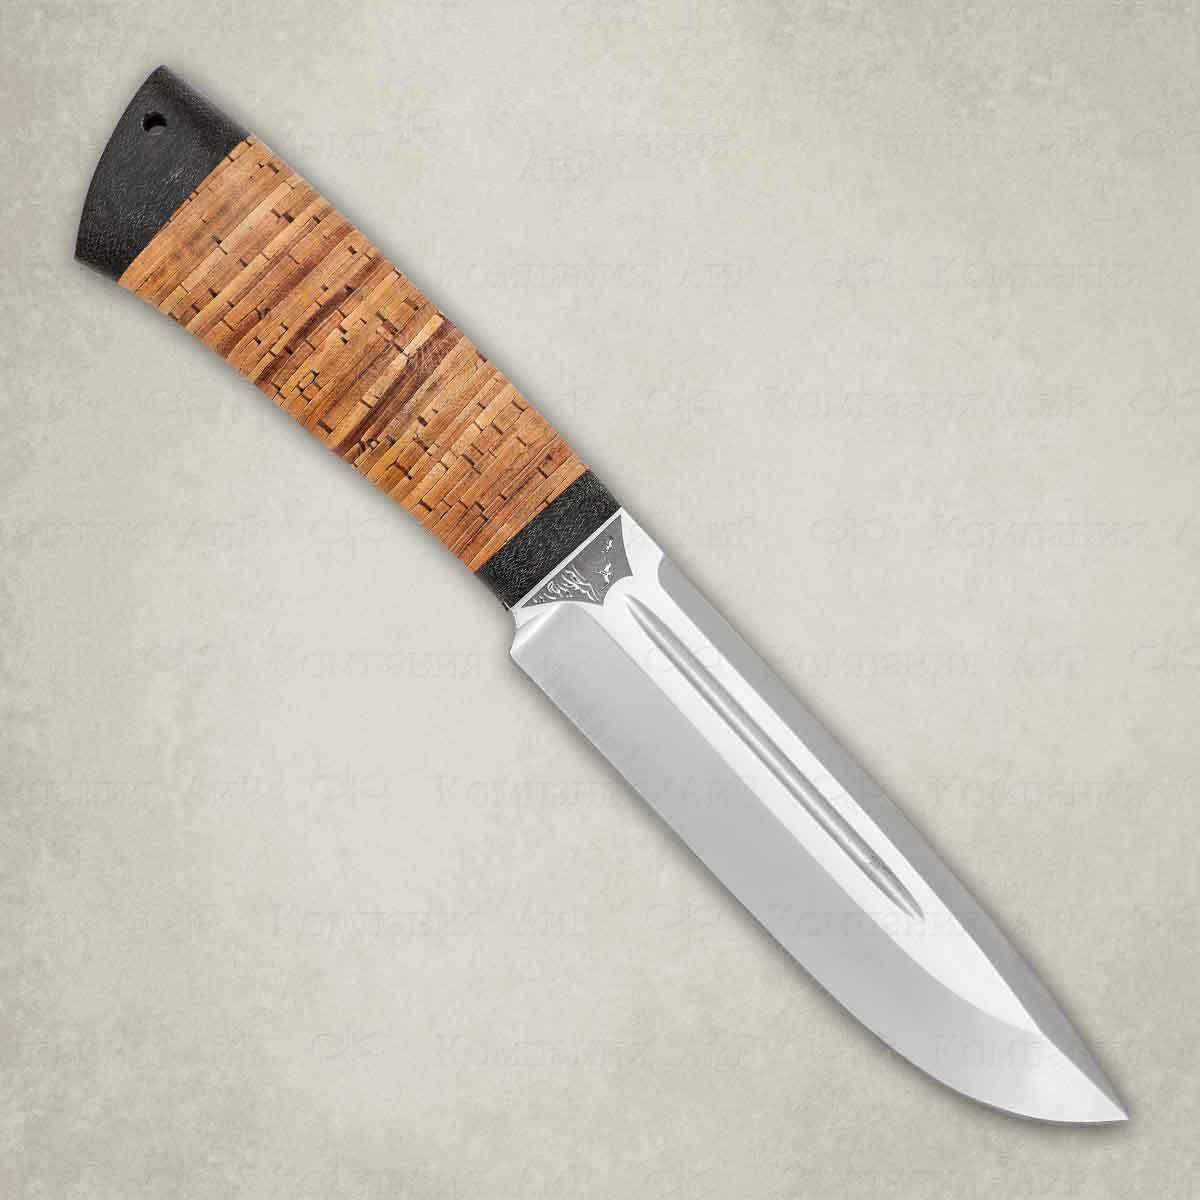 Нож разделочный АиР Селигер, сталь К-340, рукоять береста